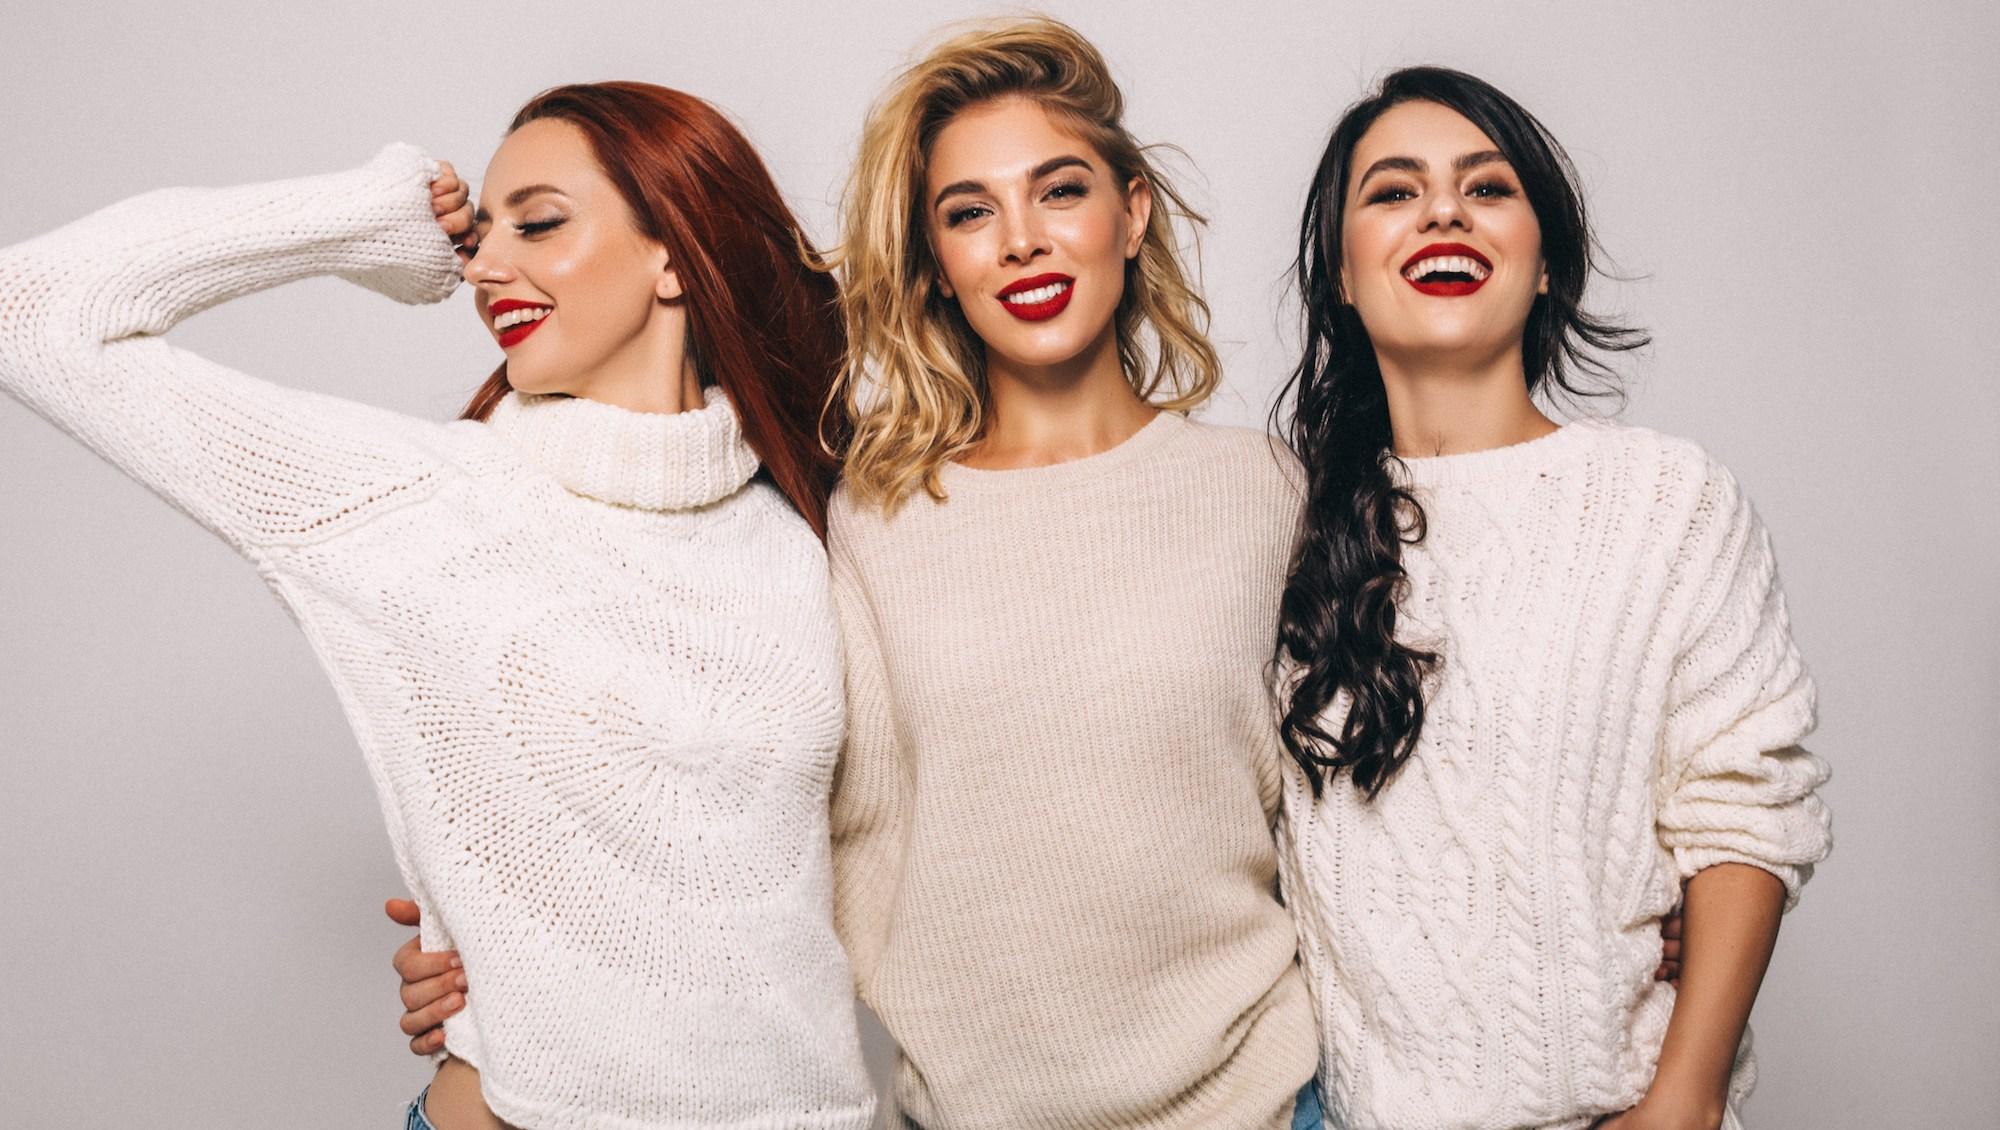 Women wearing sweaters